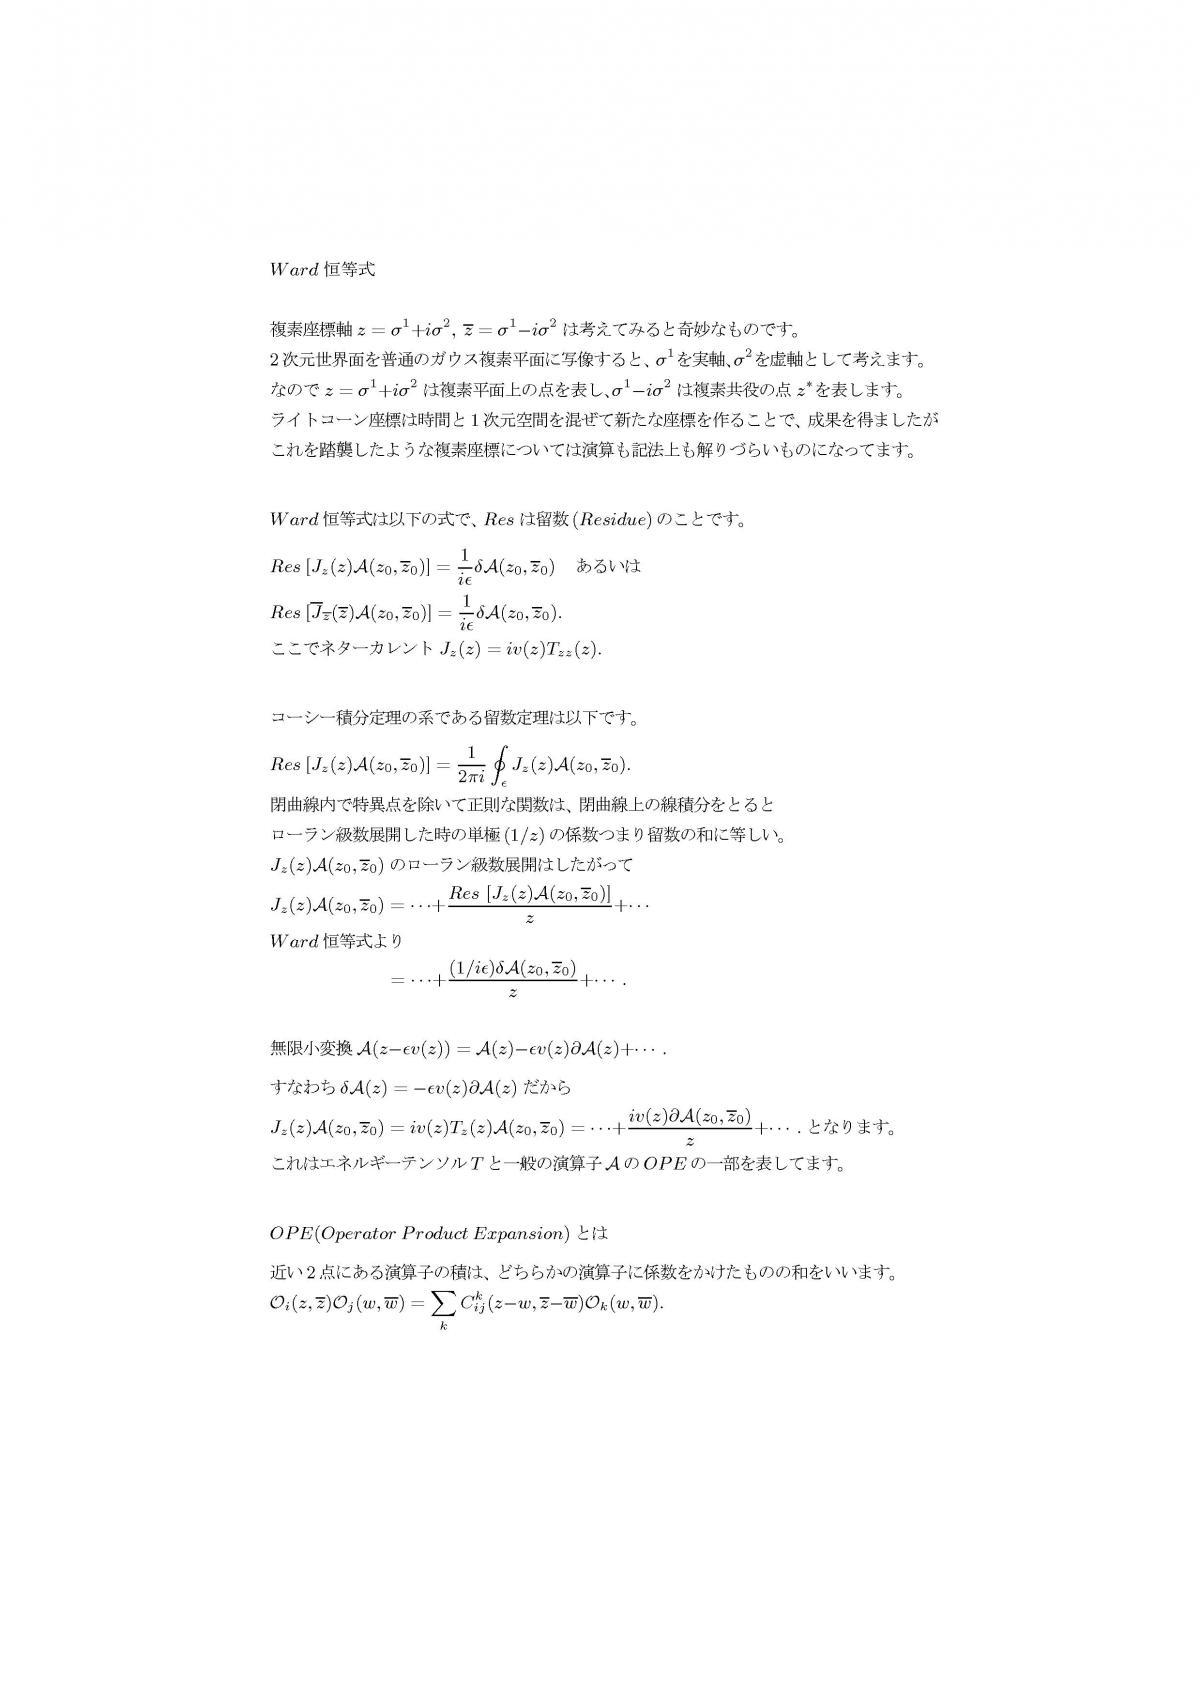 zgen33.jpg